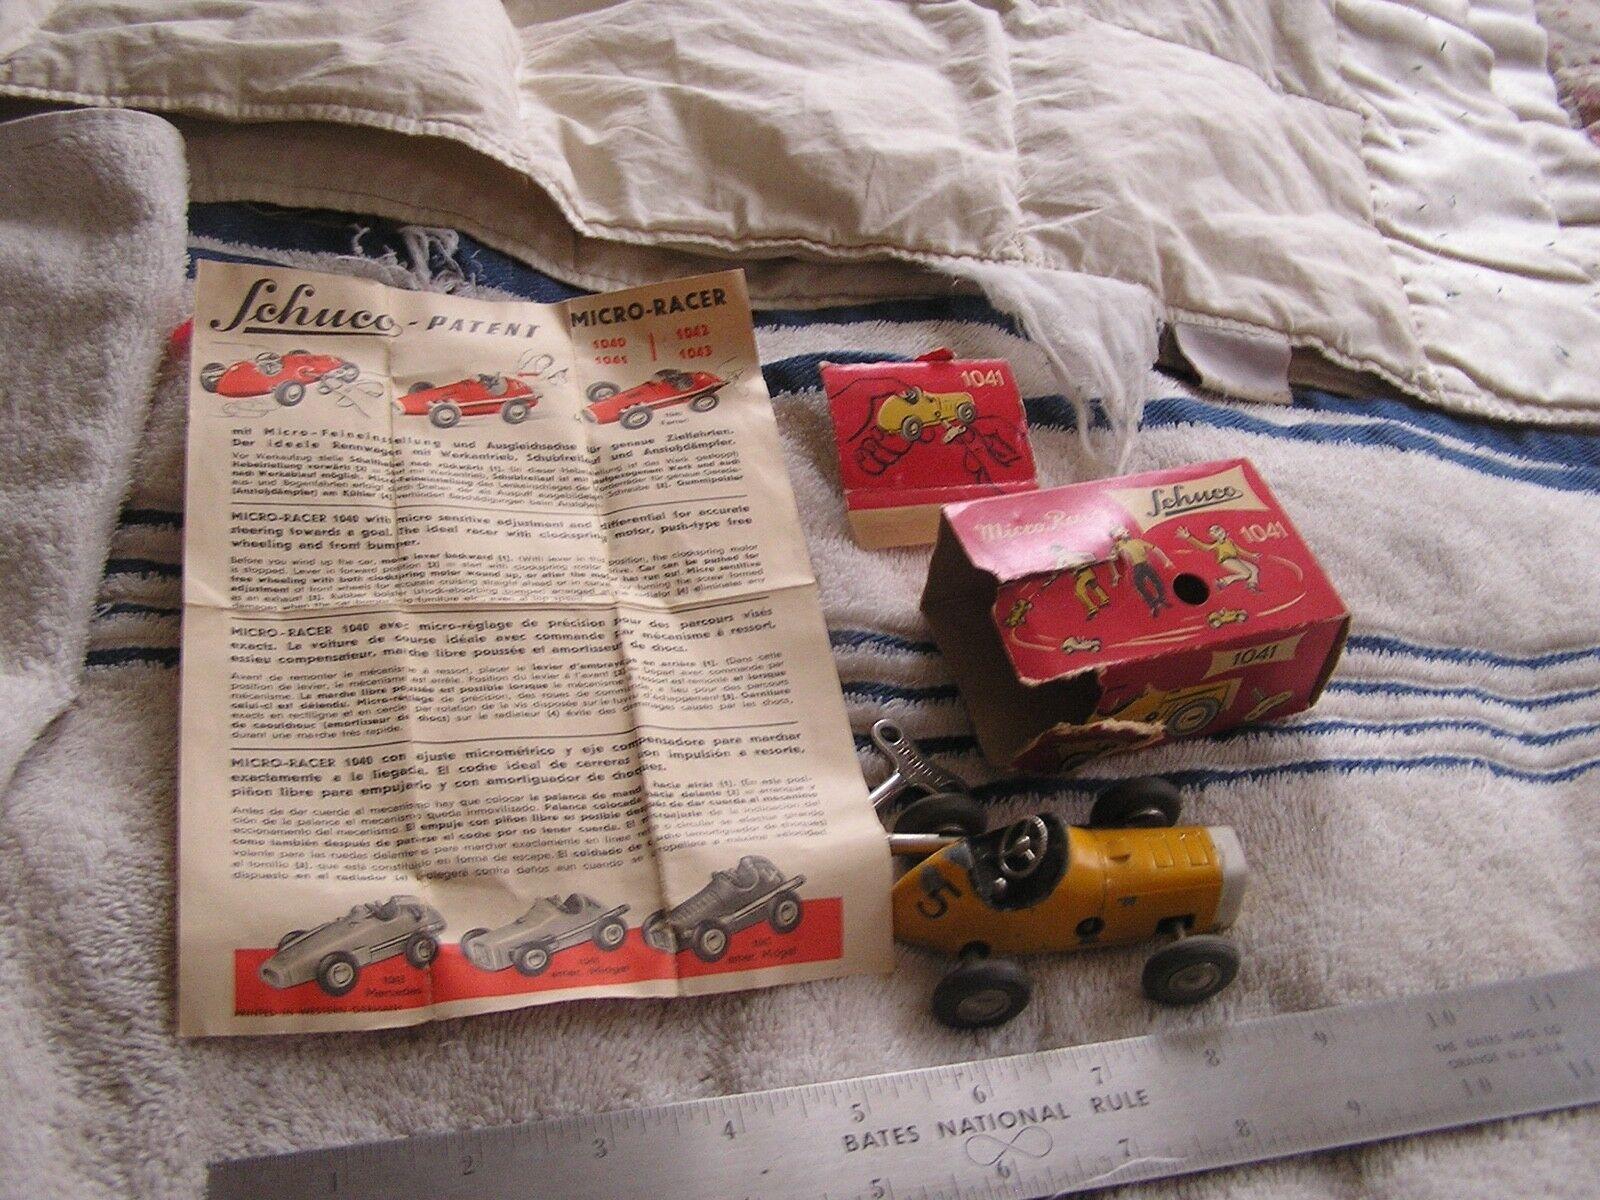 Schuco enano Micro Racer Western Germany Con Llave Caja Original